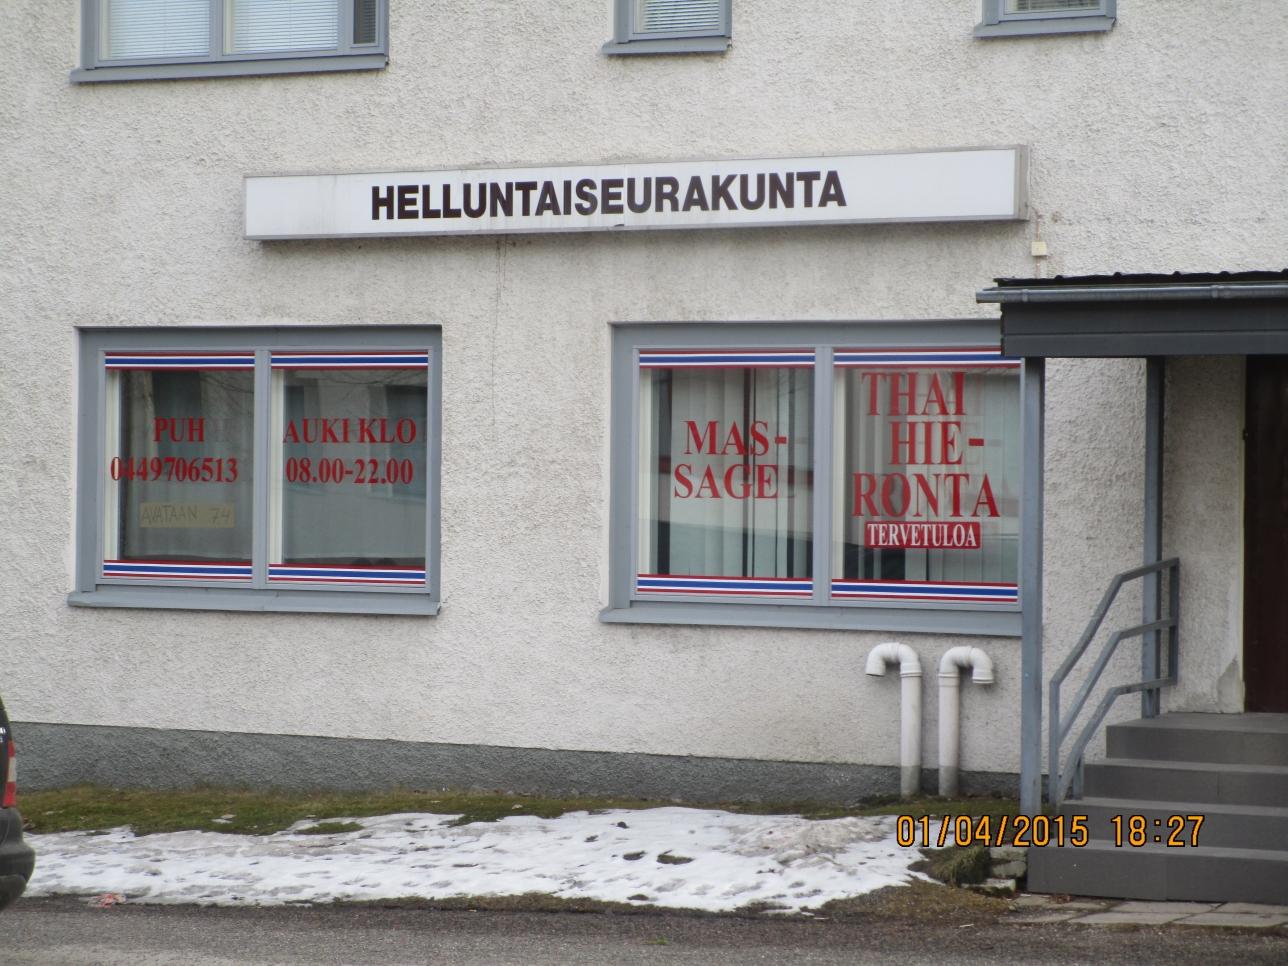 escorts homoseksuaaliseen in turku katsastuskonttori kuopio